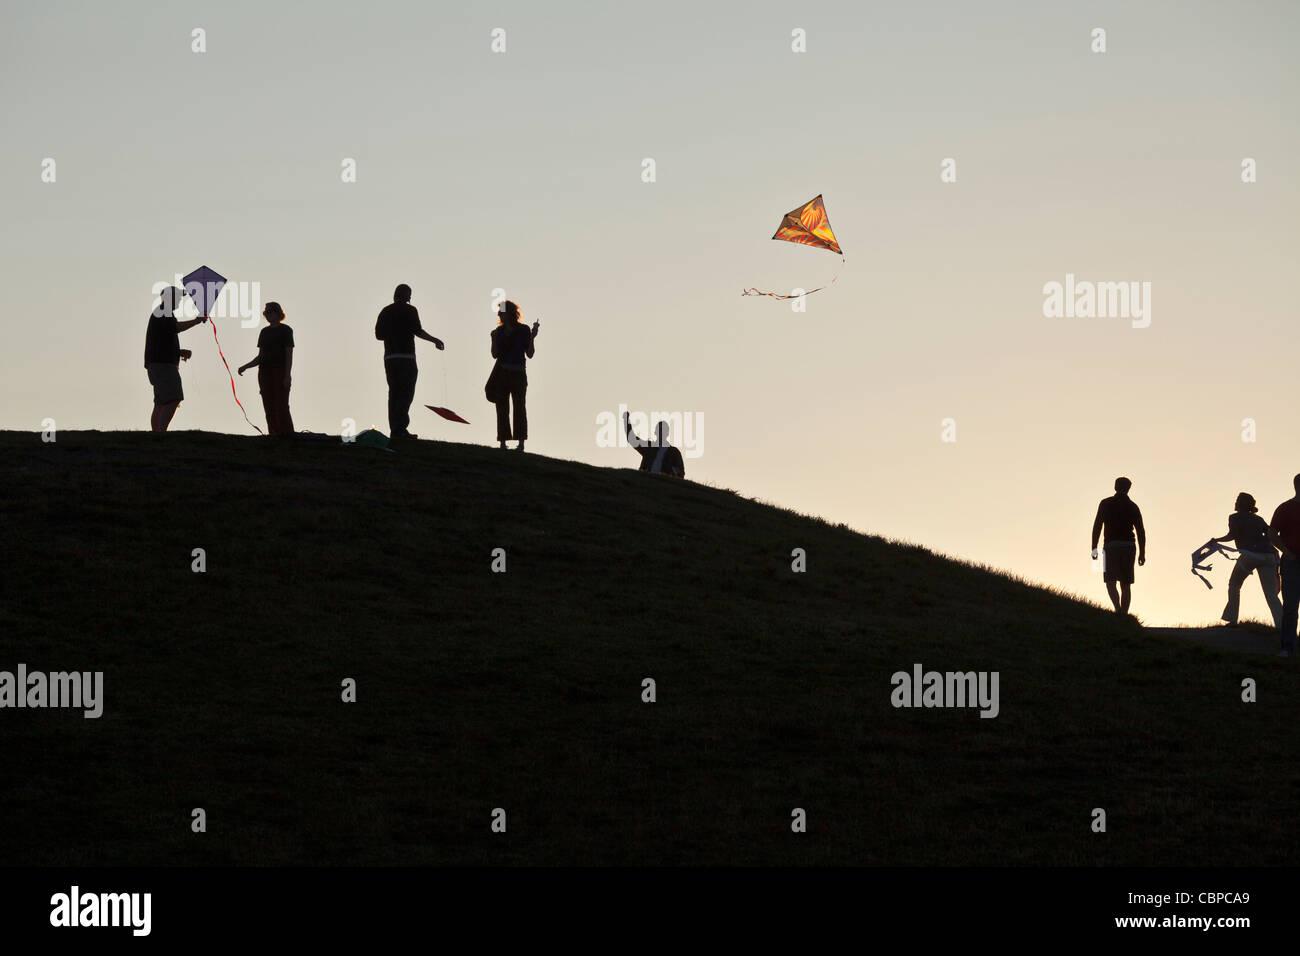 People flying kites, Gasworks Park, Seattle, Washington, USA - Stock Image